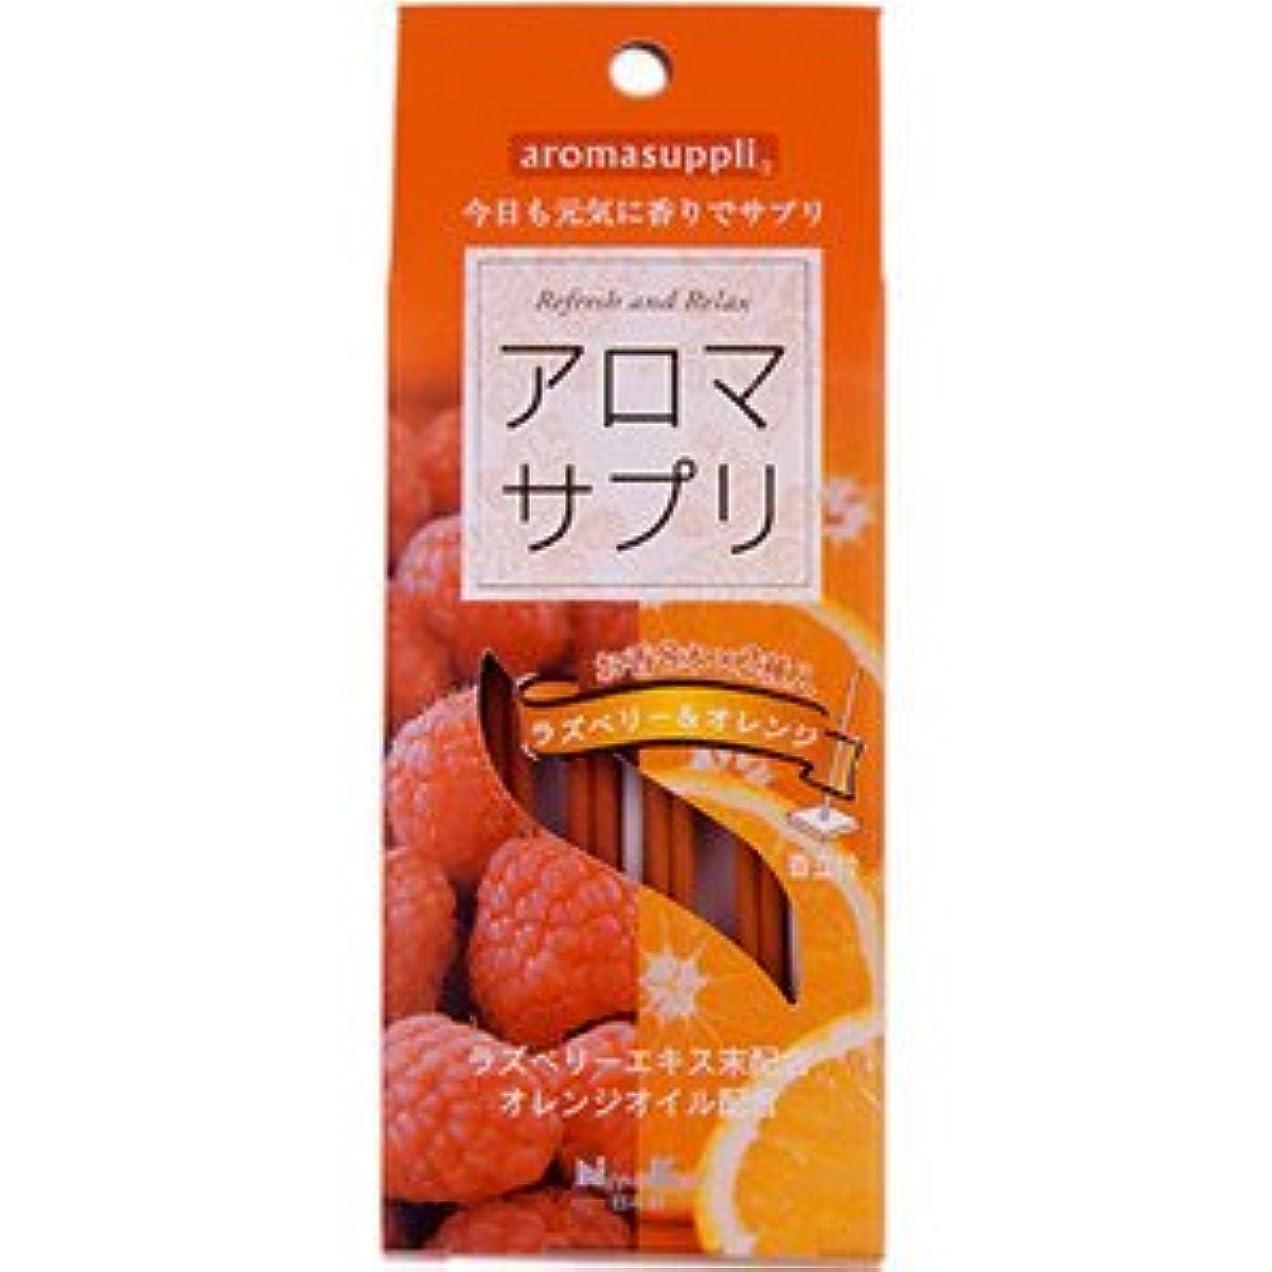 娘気怠いなめらか日本香堂 アロマサプリ ラズベリー&オレンジ